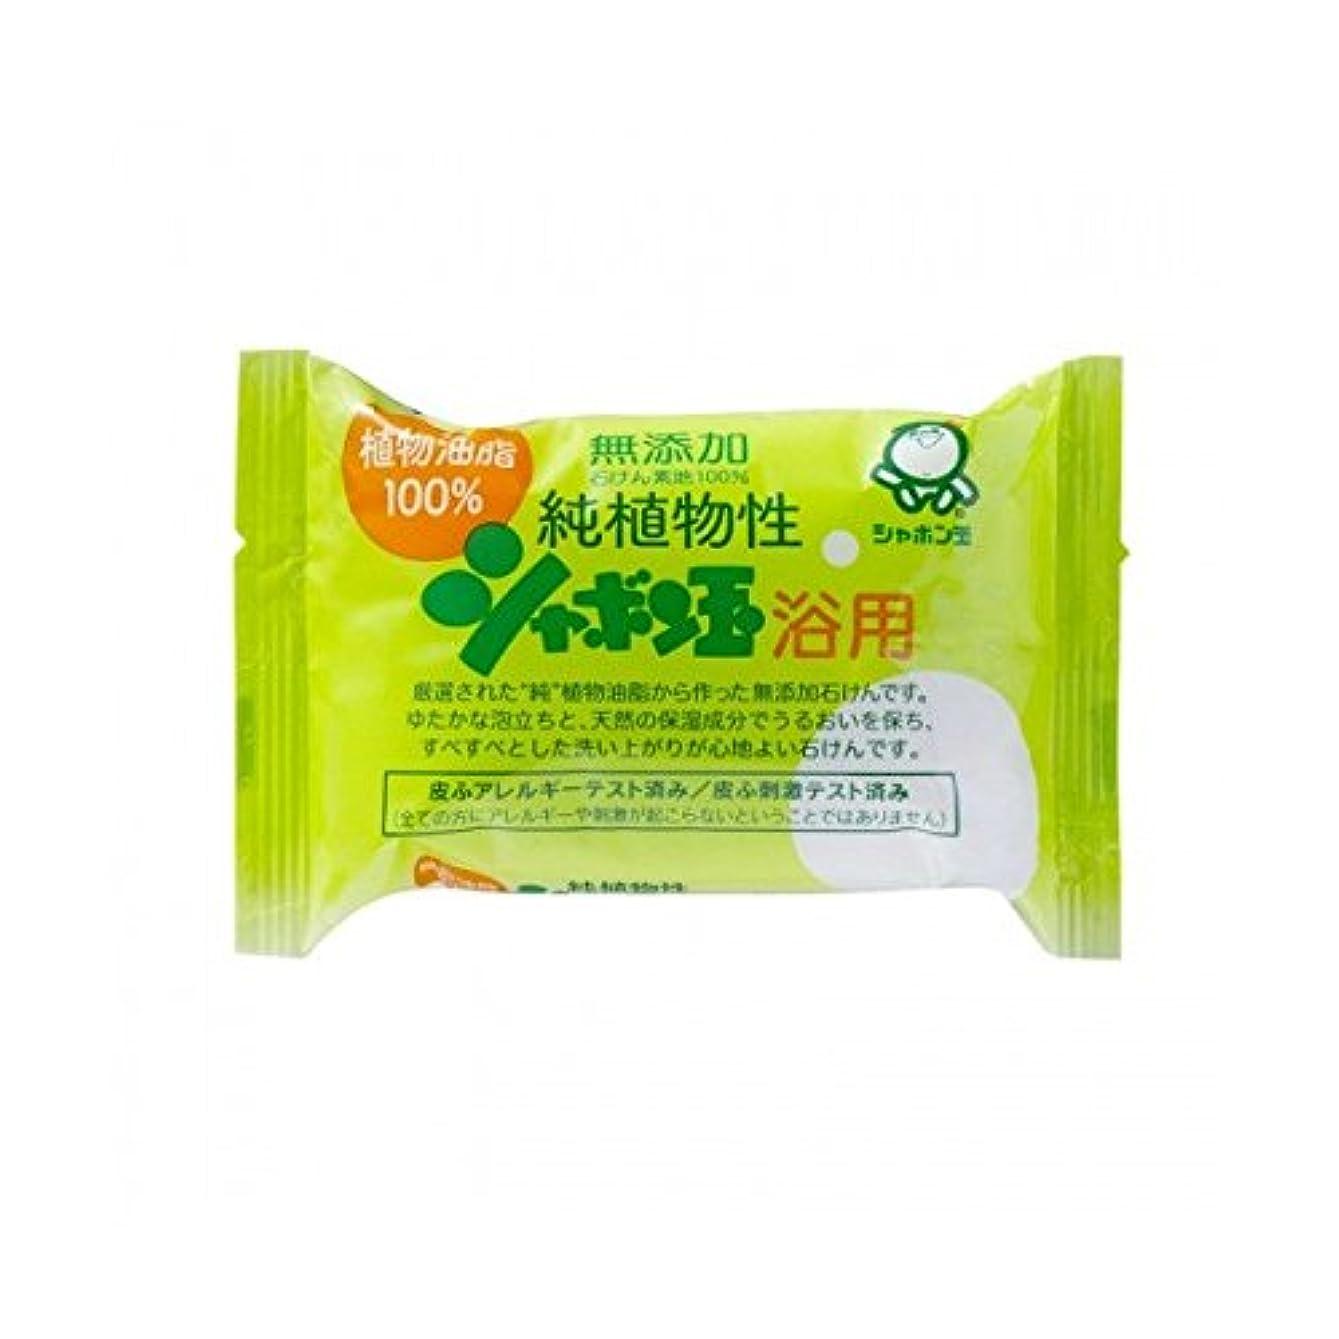 スイッチ弱点フラフープシャボン玉石けん シャボン玉 純植物性 浴用 100g(無添加石鹸)×120点セット (4901797003013)